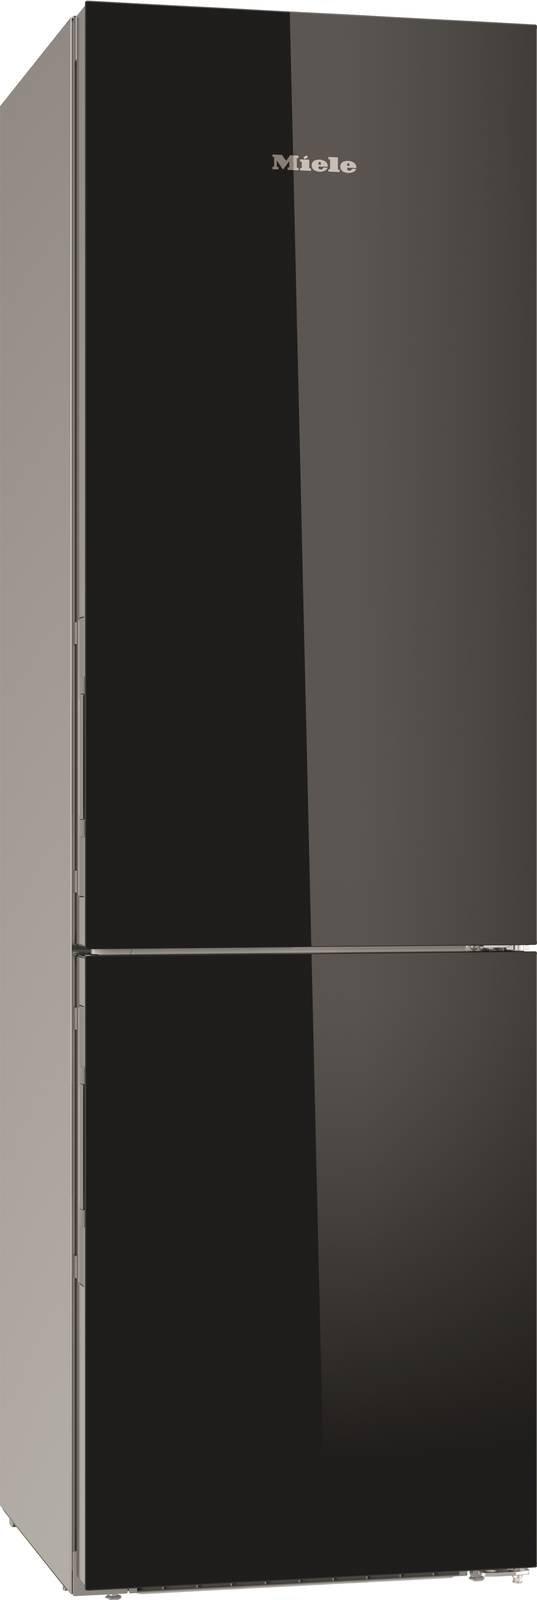 Il frigorifero combinato KFN 29683 D obsw di Miele ha l'illuminazione a LED dei ripiani in vetro FlexiLight che illumina senza abbagliare e che essere posizionata in modo flessibile. In classe A+++, ha profondità maggiore per consentire di riporre anche oggetti grandi e voluminosi come teglie da forno. Misura L 60 x P 68,5 x H 201 cm. Prezzo 2.899 euro. www.miele.it